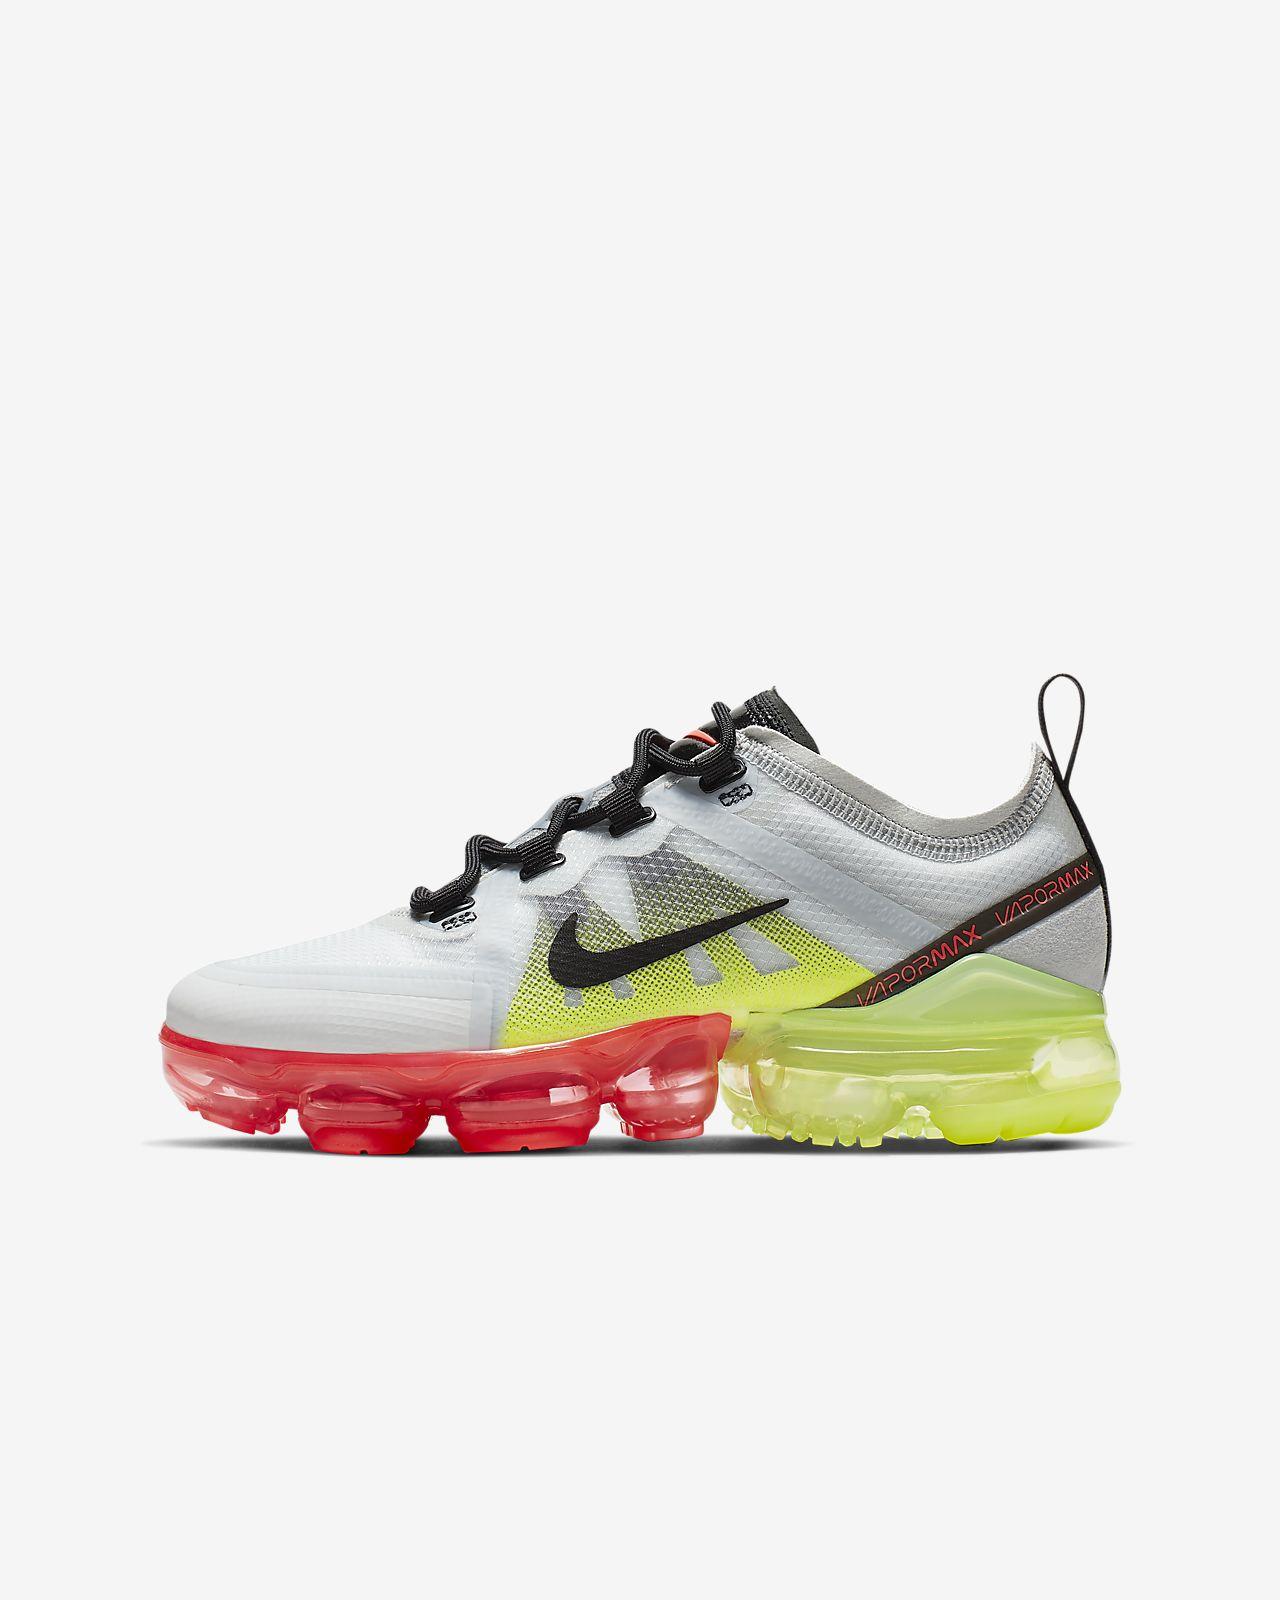 9117333880 Παπούτσι Nike Air VaporMax 2019 για μεγάλα παιδιά. Nike.com GR